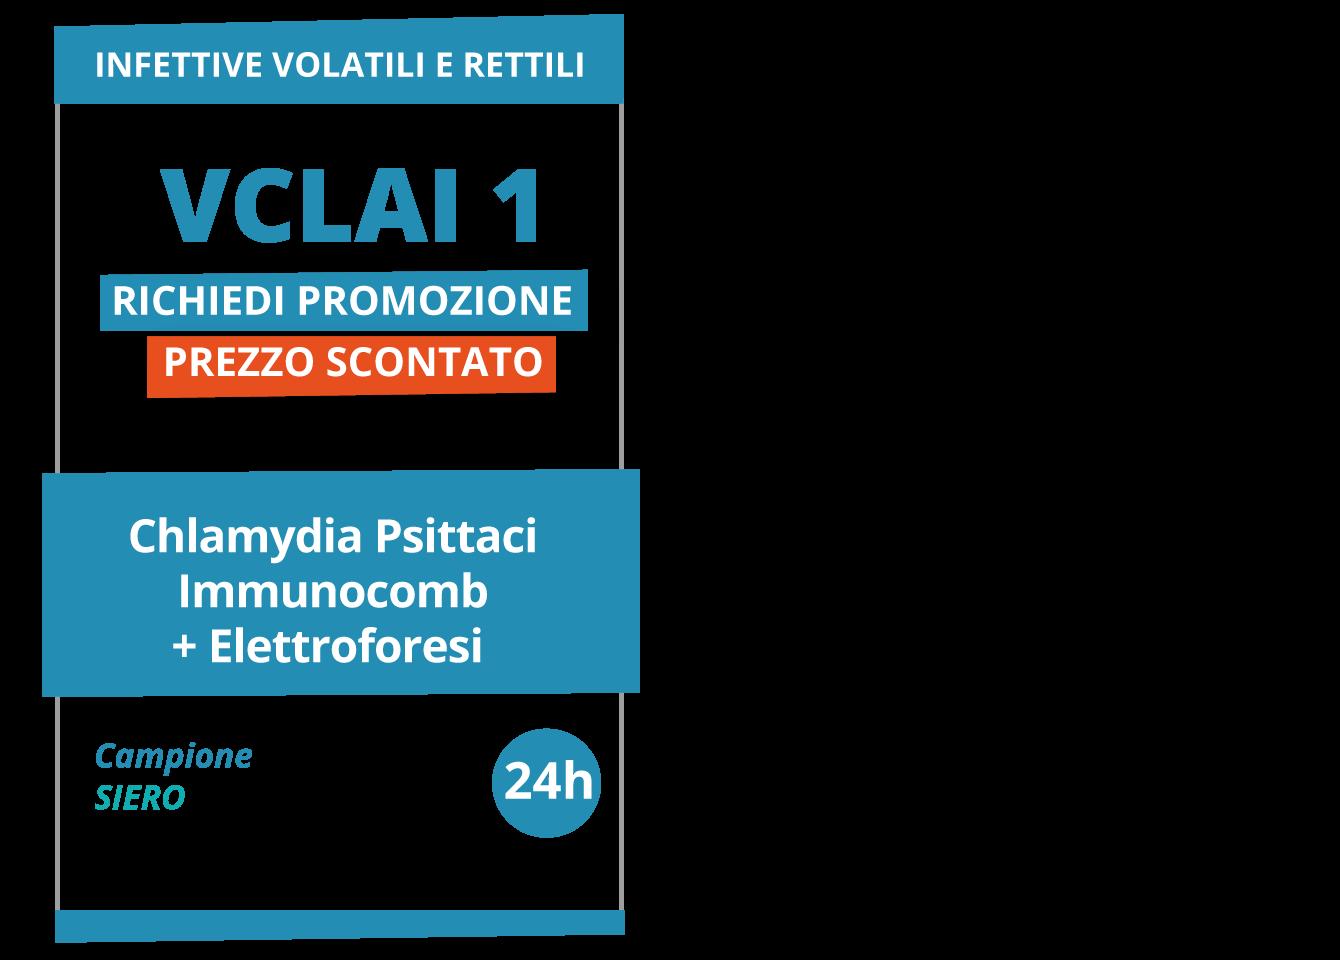 Promozione-malattie-infettive-volatili-rettili-2020